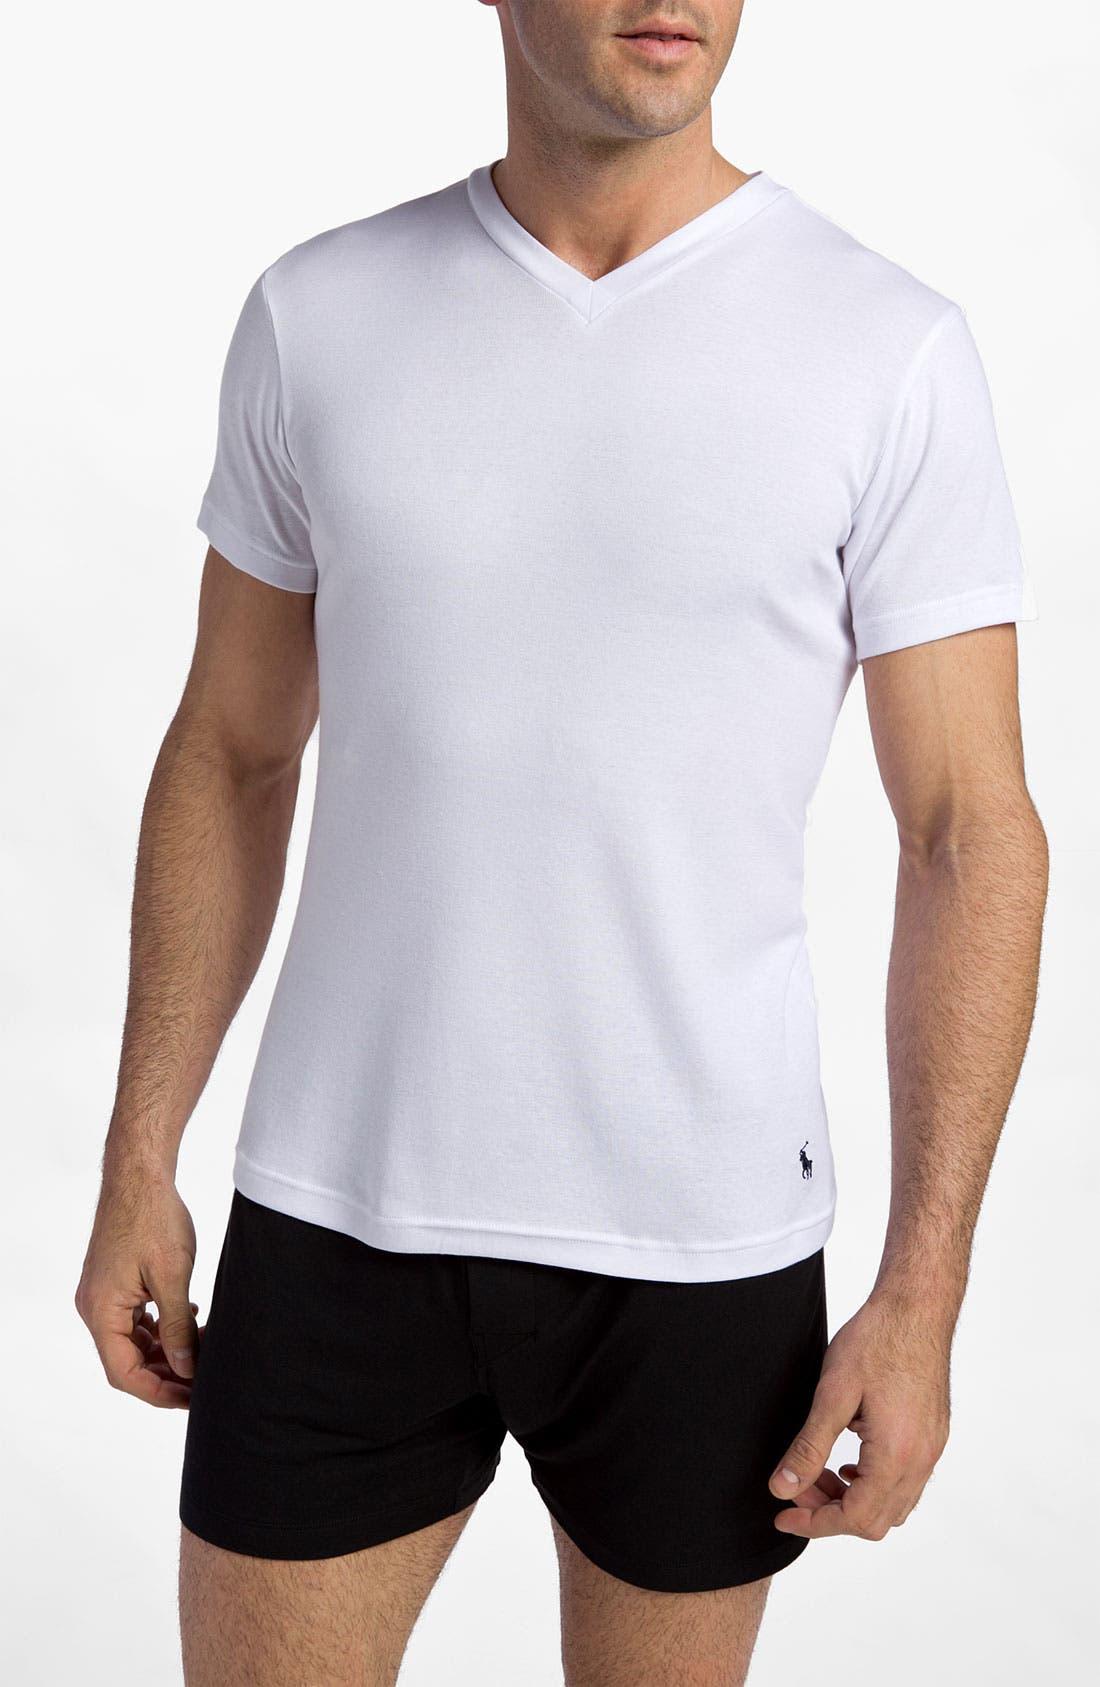 Alternate Image 1 Selected - Polo Ralph Lauren V-Neck T-Shirt (2-Pack)